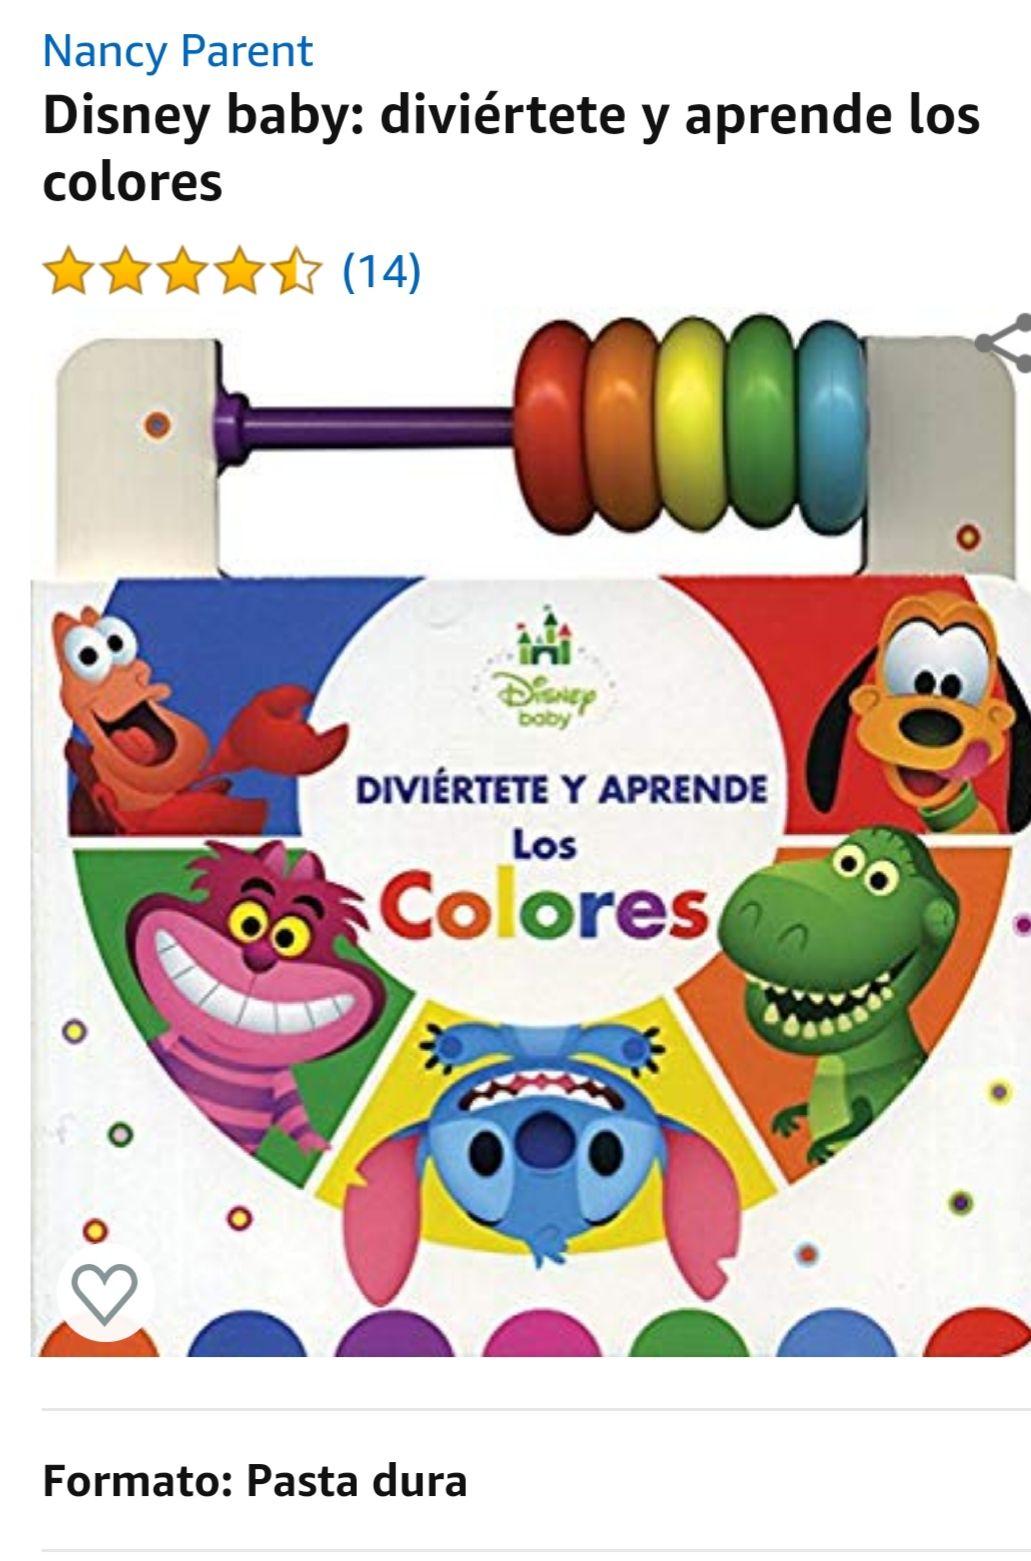 Amazon: libro infantil pasta dura Disney baby: diviértete y aprende los colores